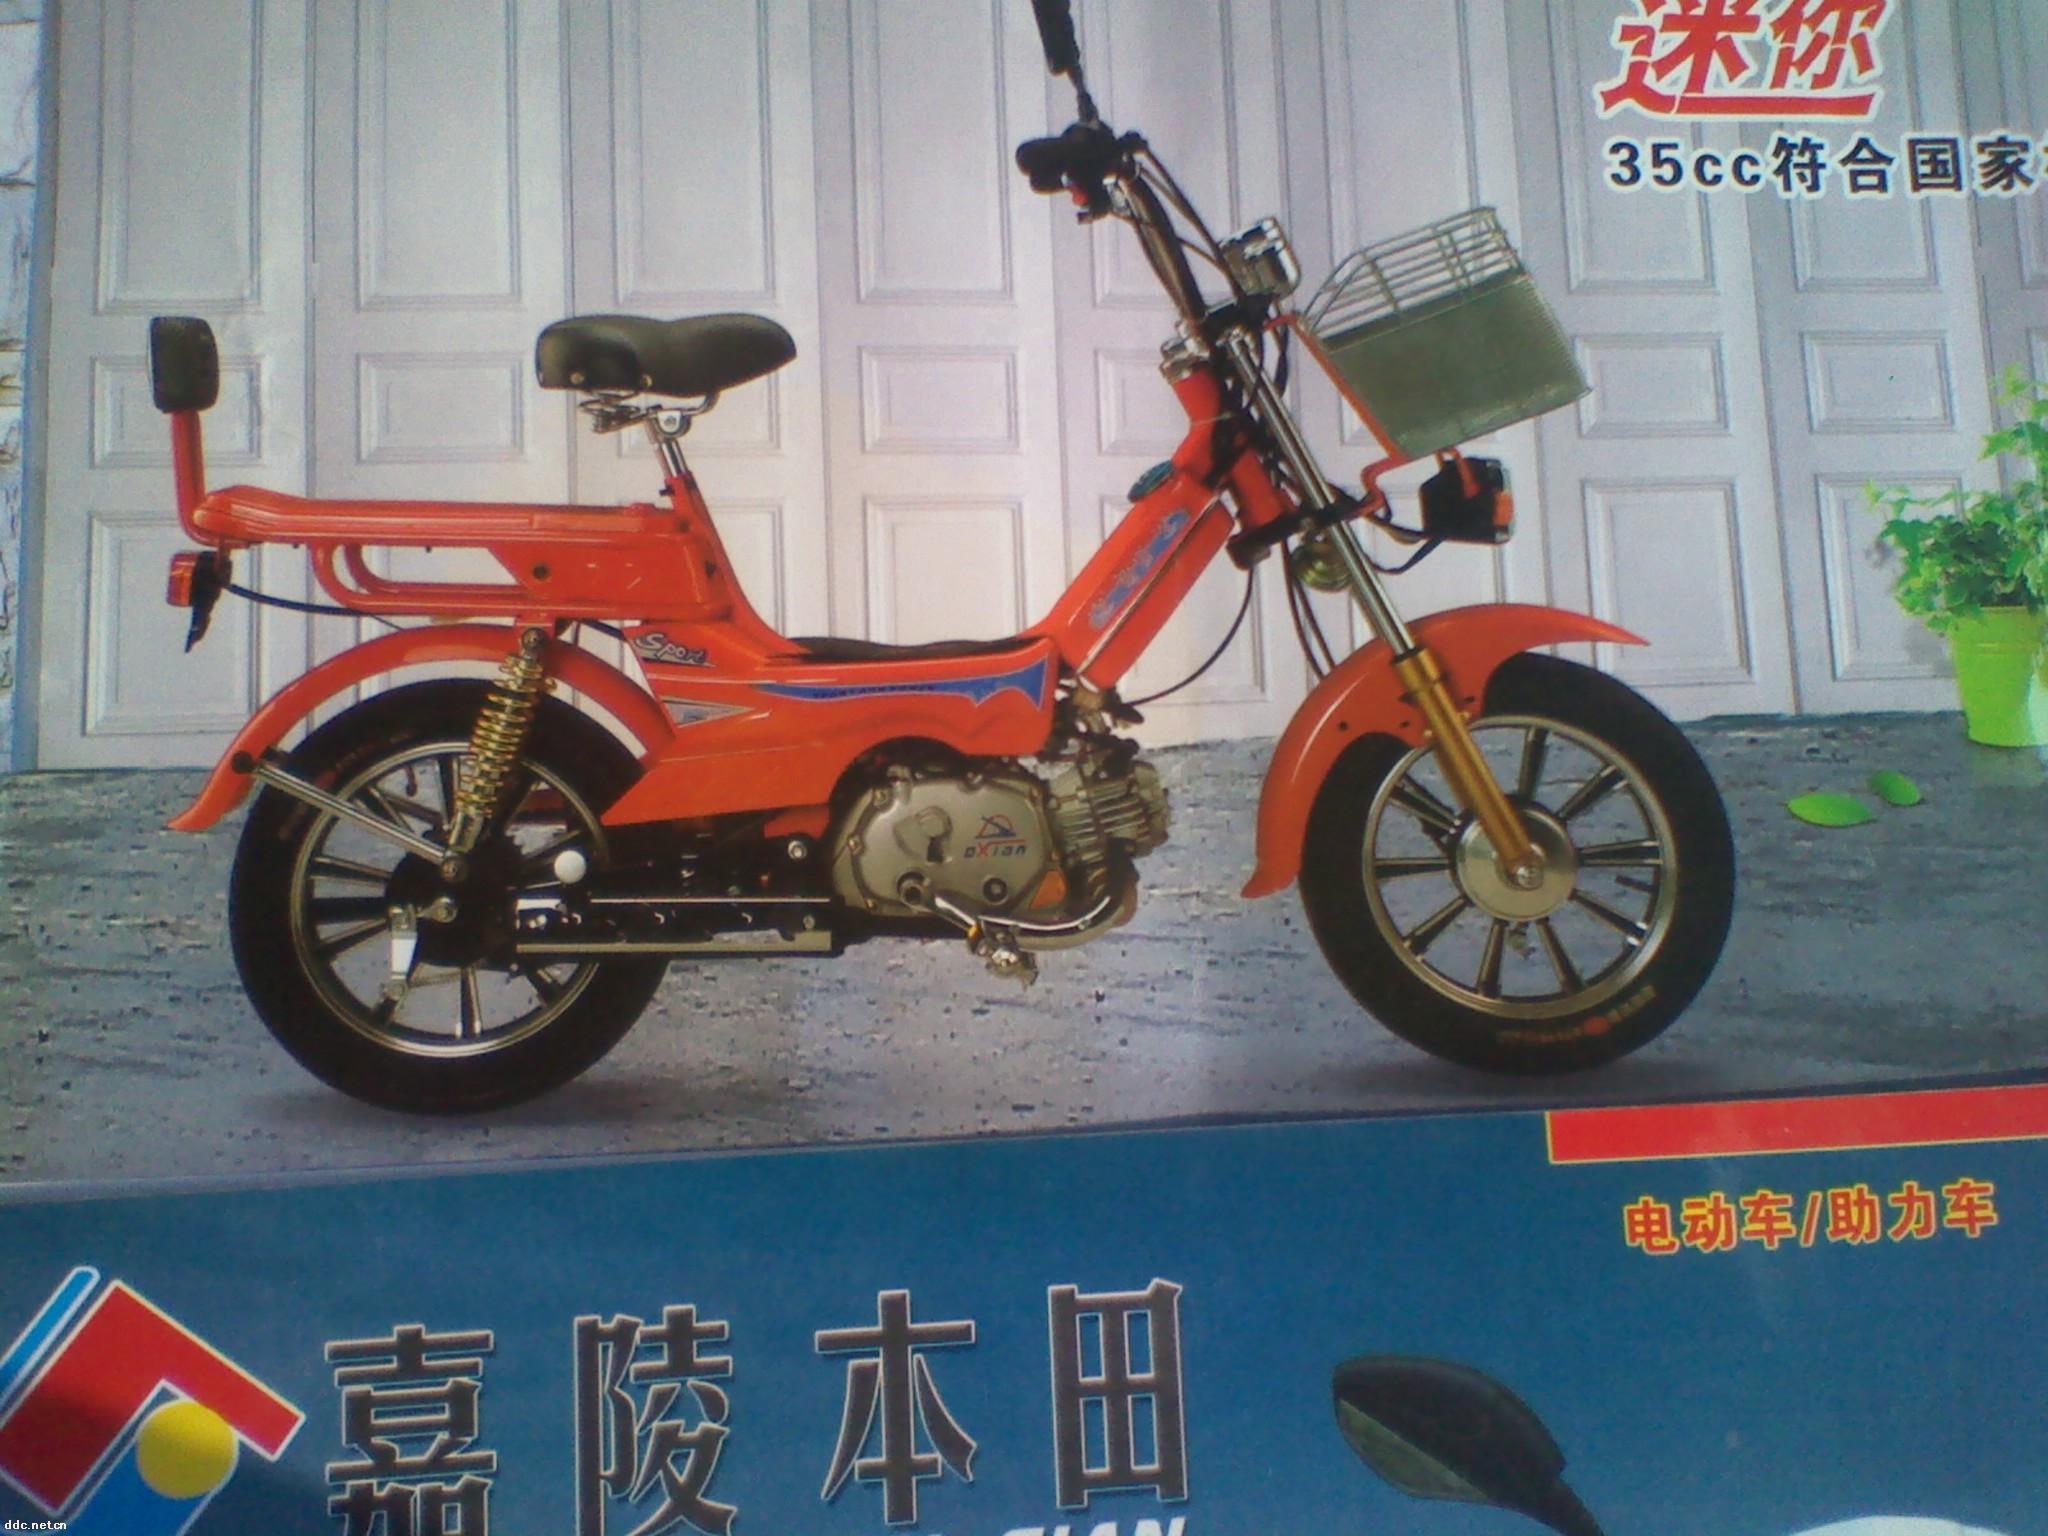 【嘉陵本田】牌助力车,发动机:35cc,化油器:台湾京滨.耗油量:1.